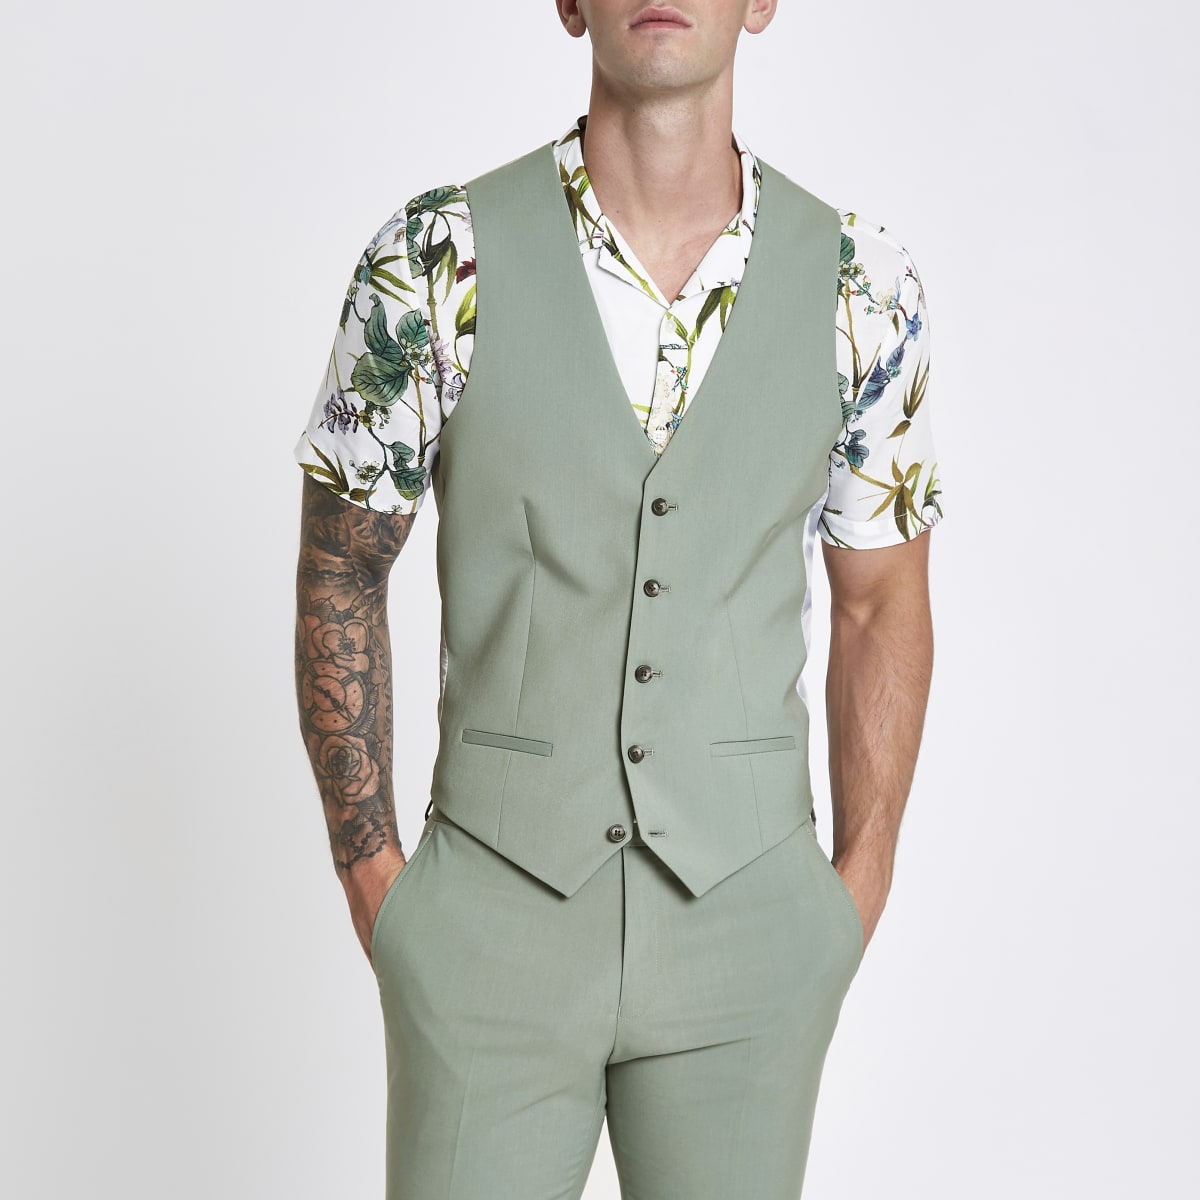 Mint green suit vest